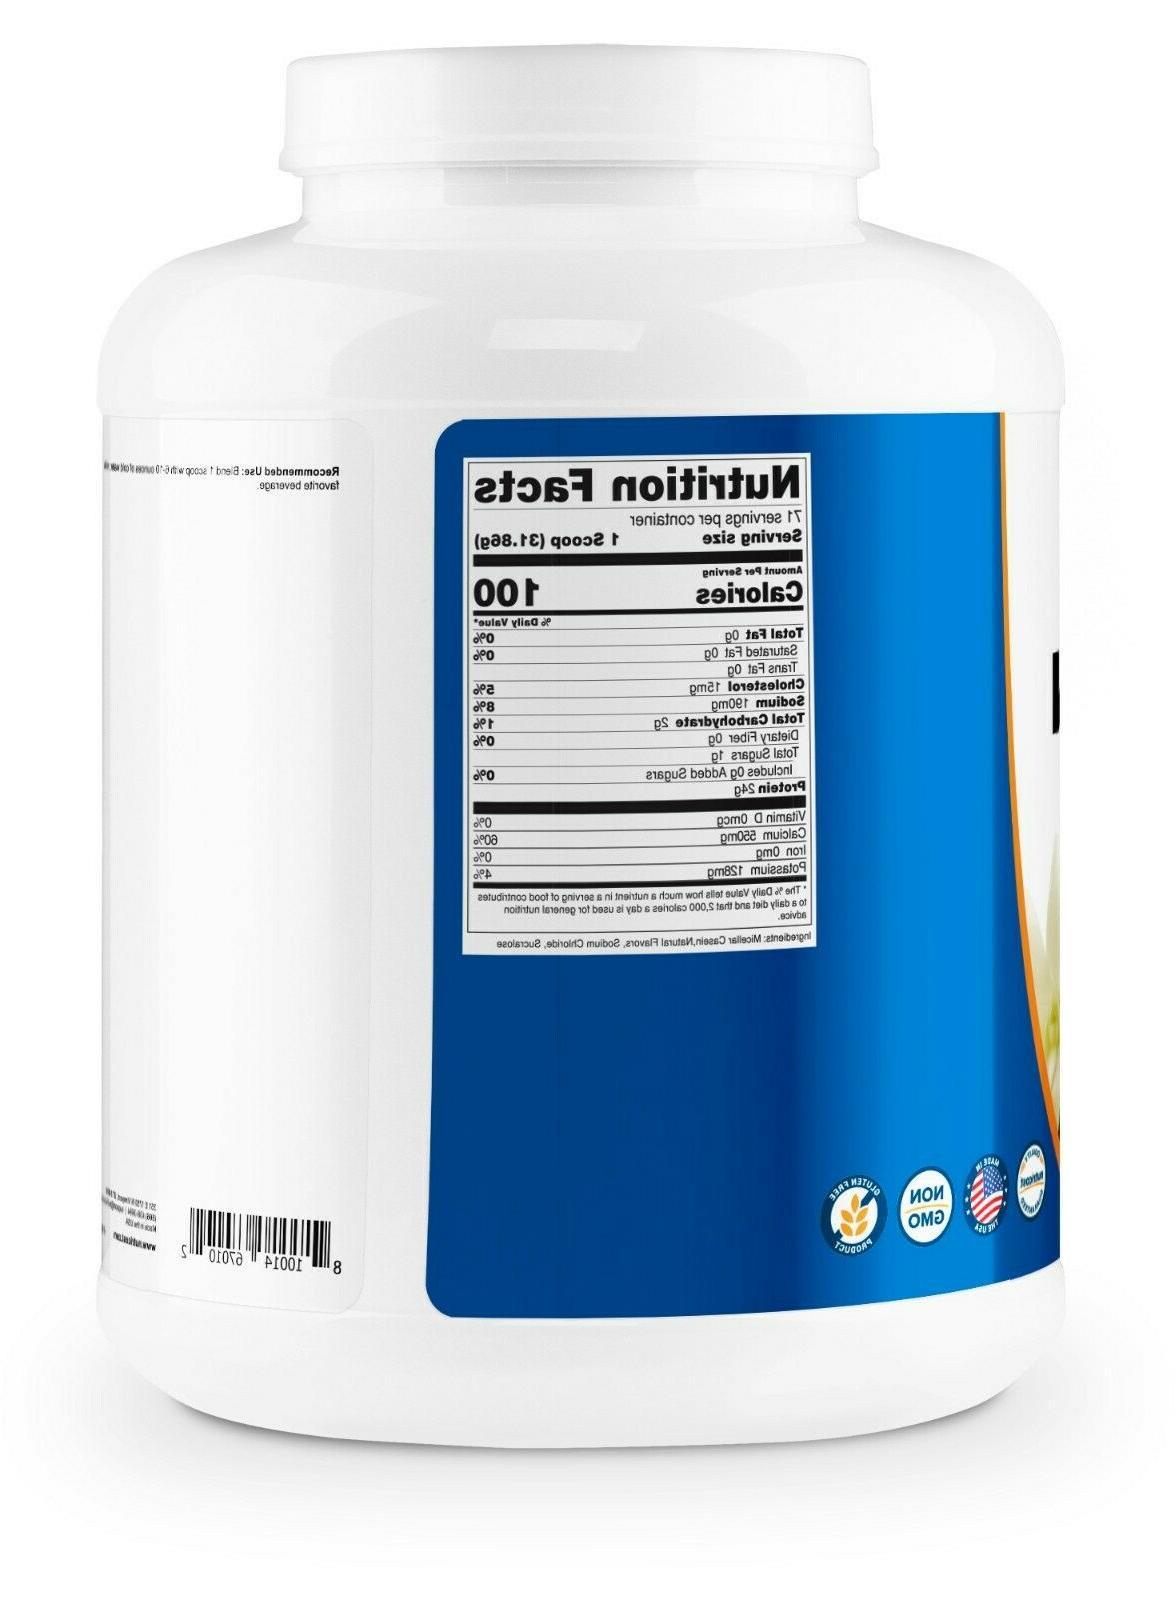 Nutricost Casein Protein Powder 5lb 100% Micellar Casein